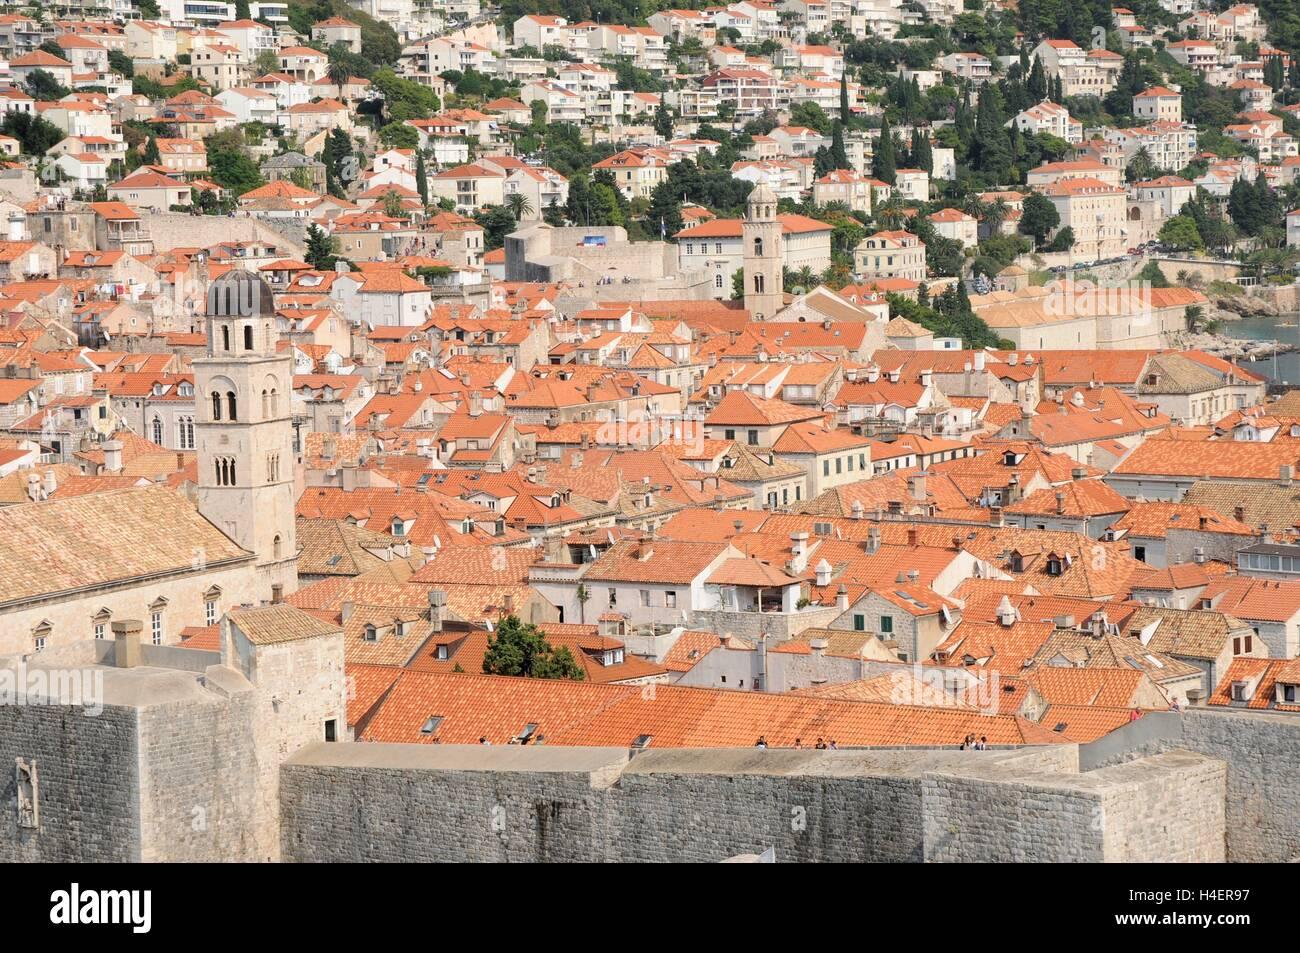 Die Dächer der Altstadt, Dubrovnik, Kroatien. Stockbild